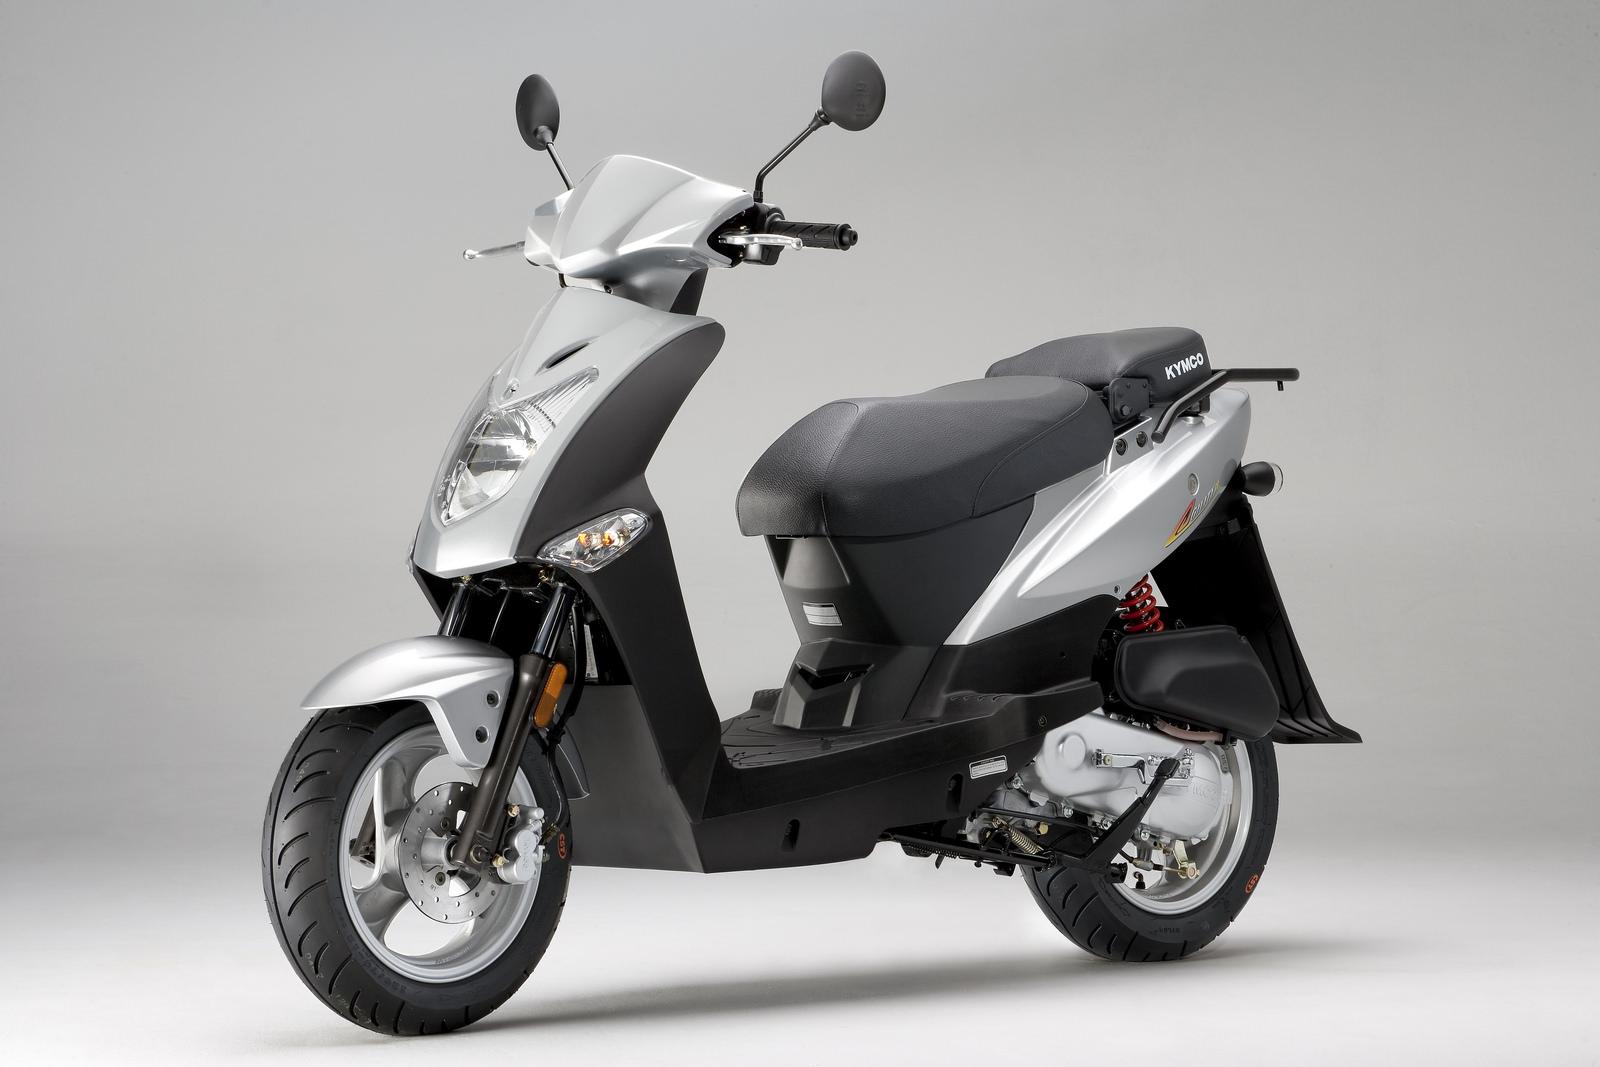 gebrauchte und neue kymco agility 50 motorr u00e4der kaufen